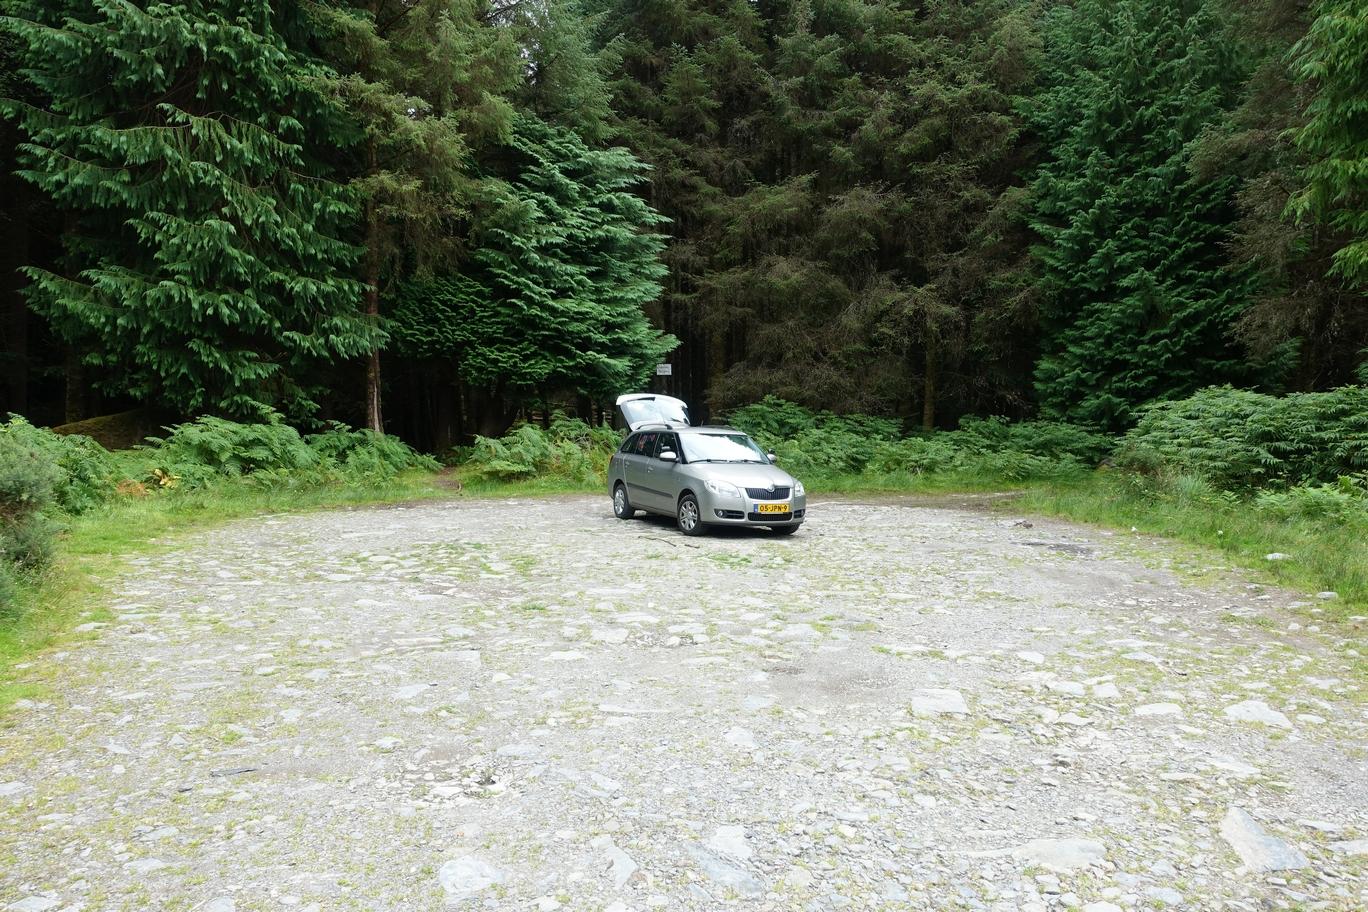 De auto op de parkeerplaats met daarachter toegang tot het bos